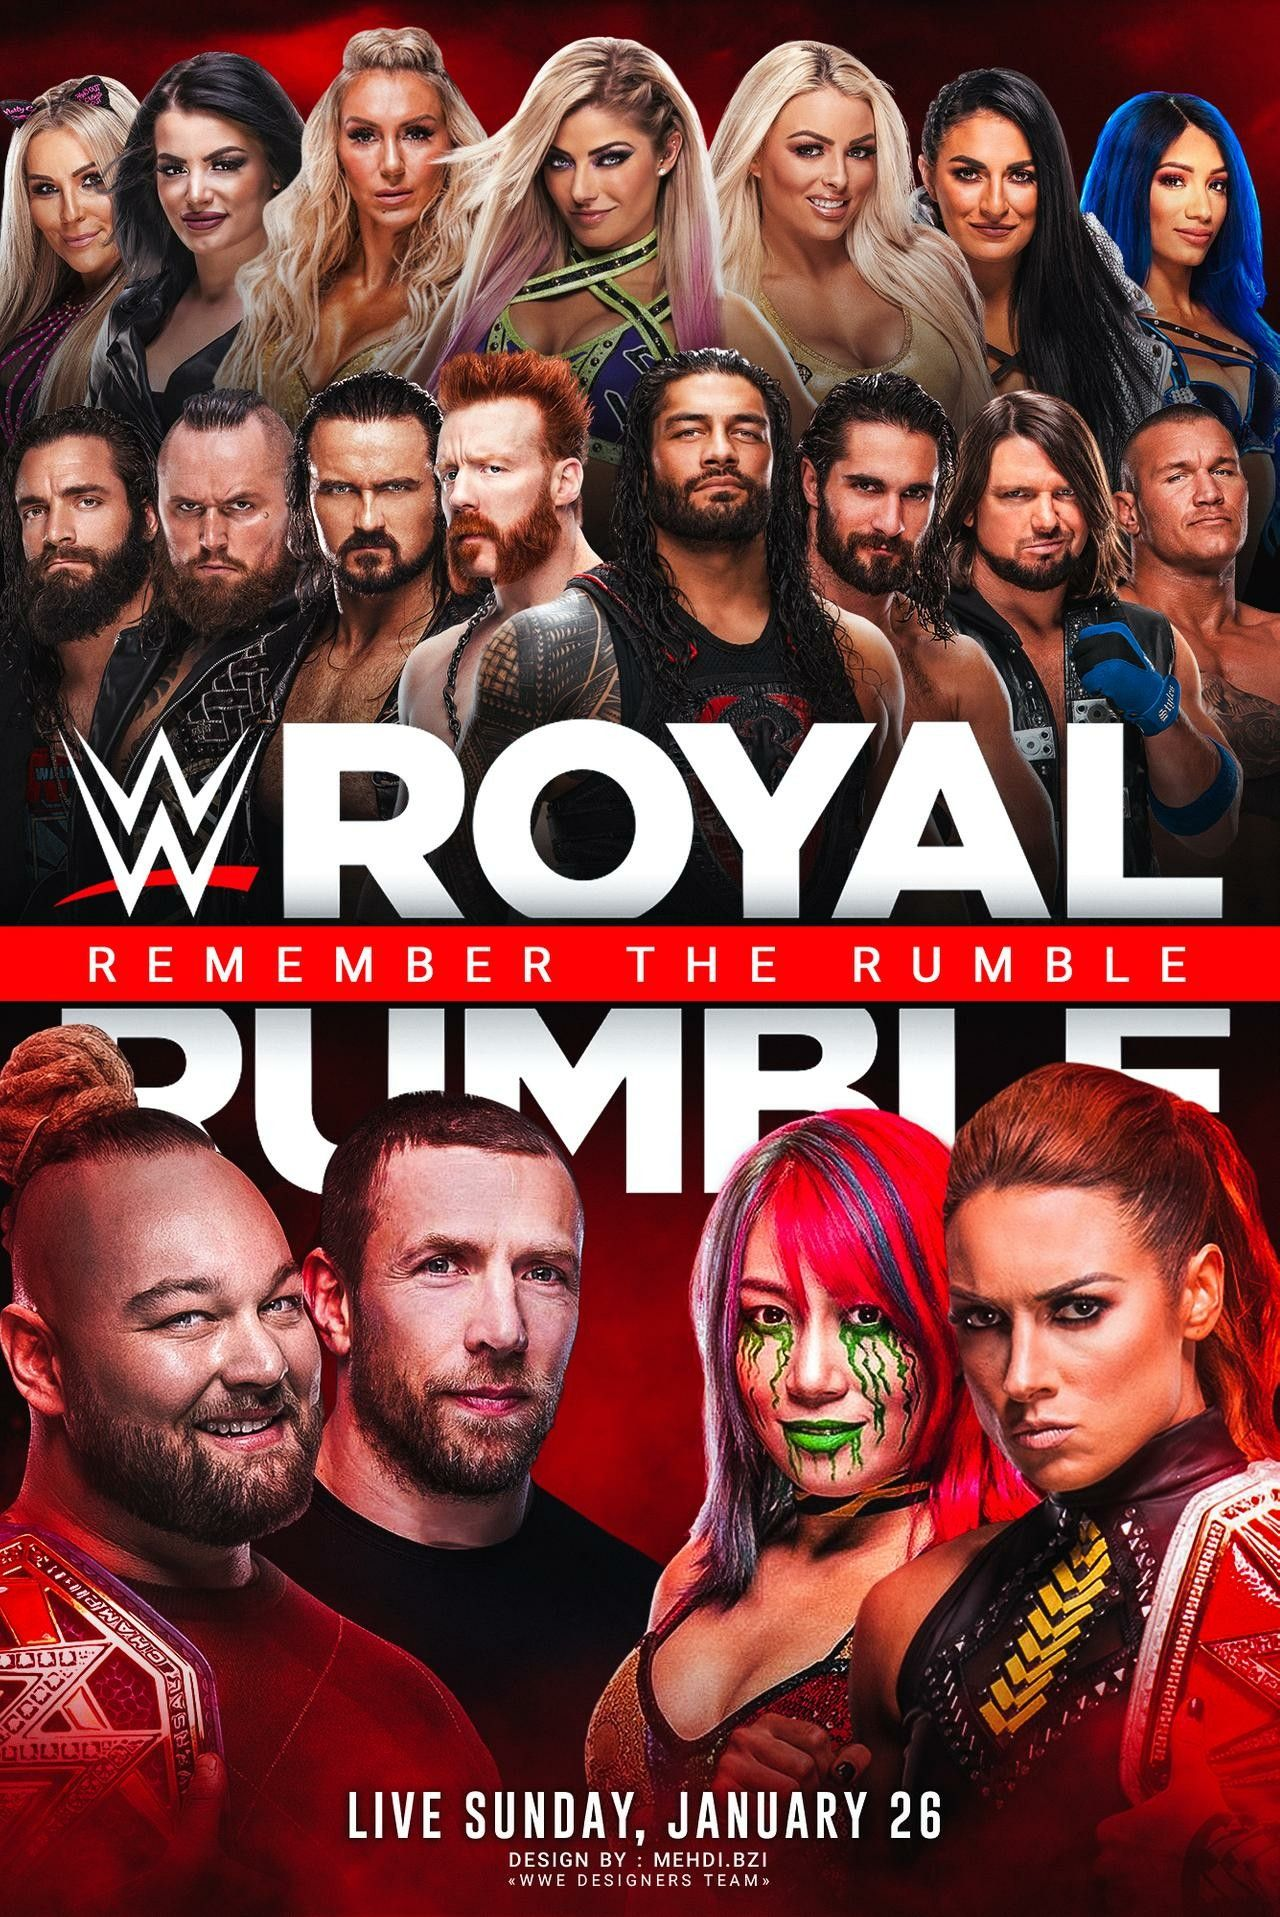 WWE ROYAL RUMBLE 2020 POSTER in 2020 Wwe royal rumble